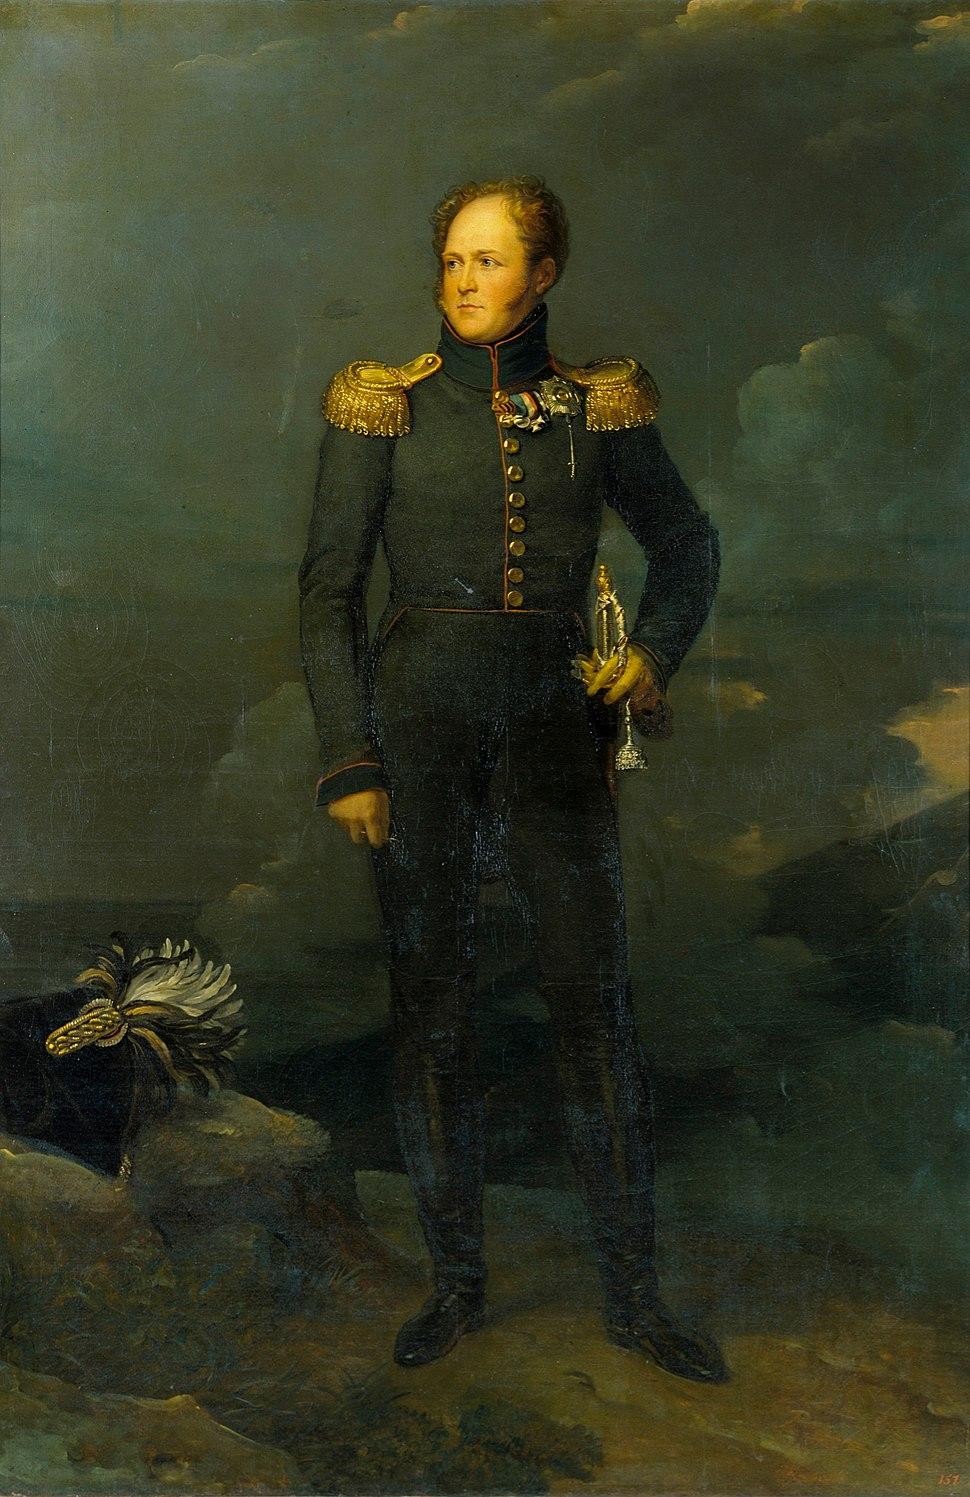 Alexander I by François Gérard